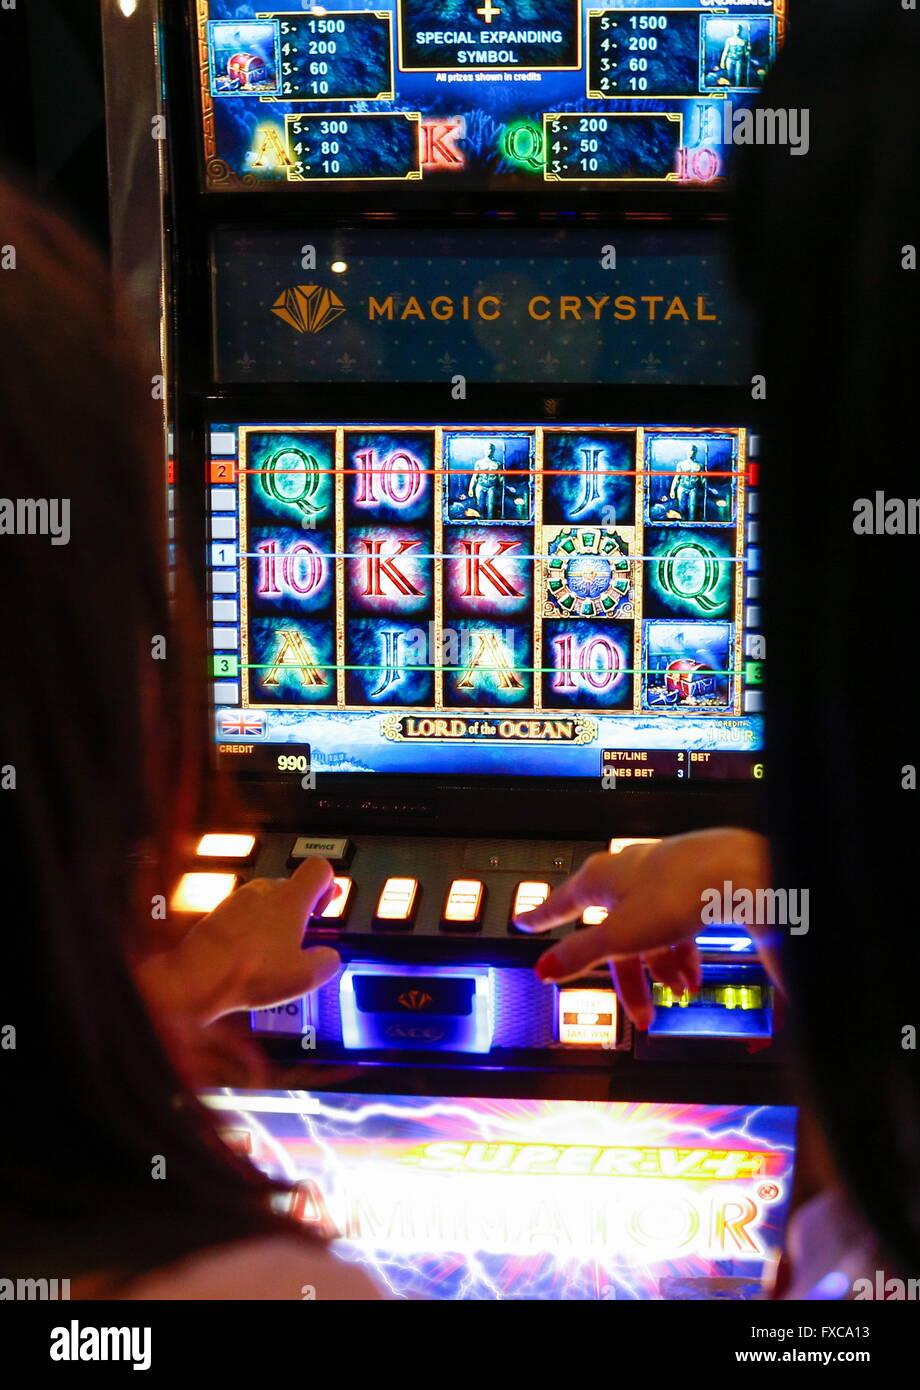 Echtgeld spiele slots